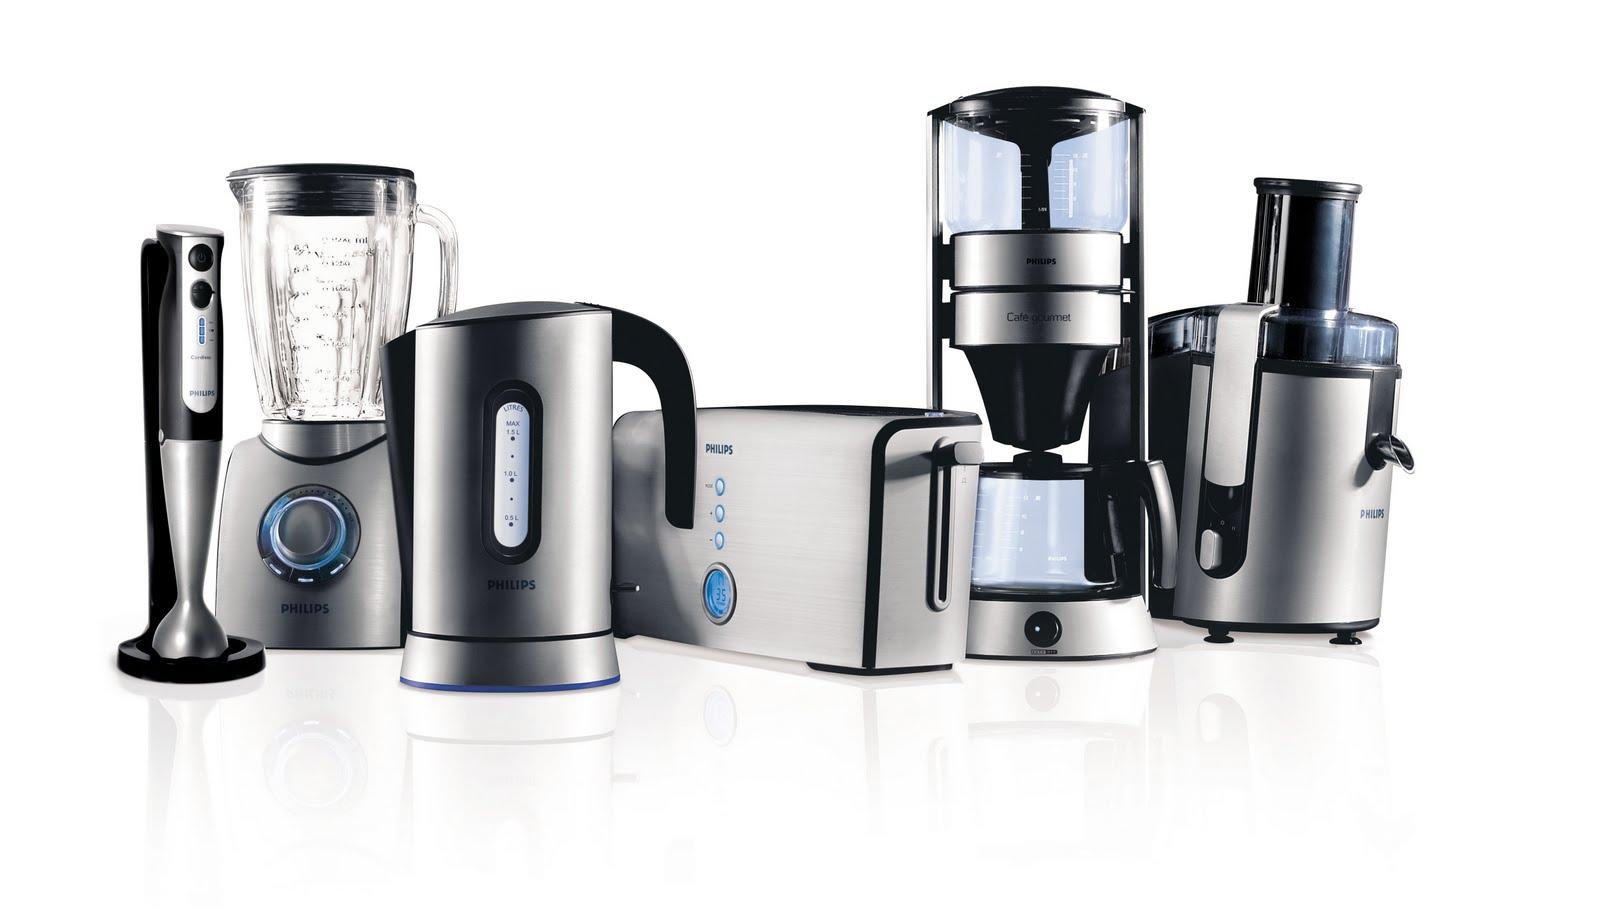 Выбор бытовой техники от производителя Philips